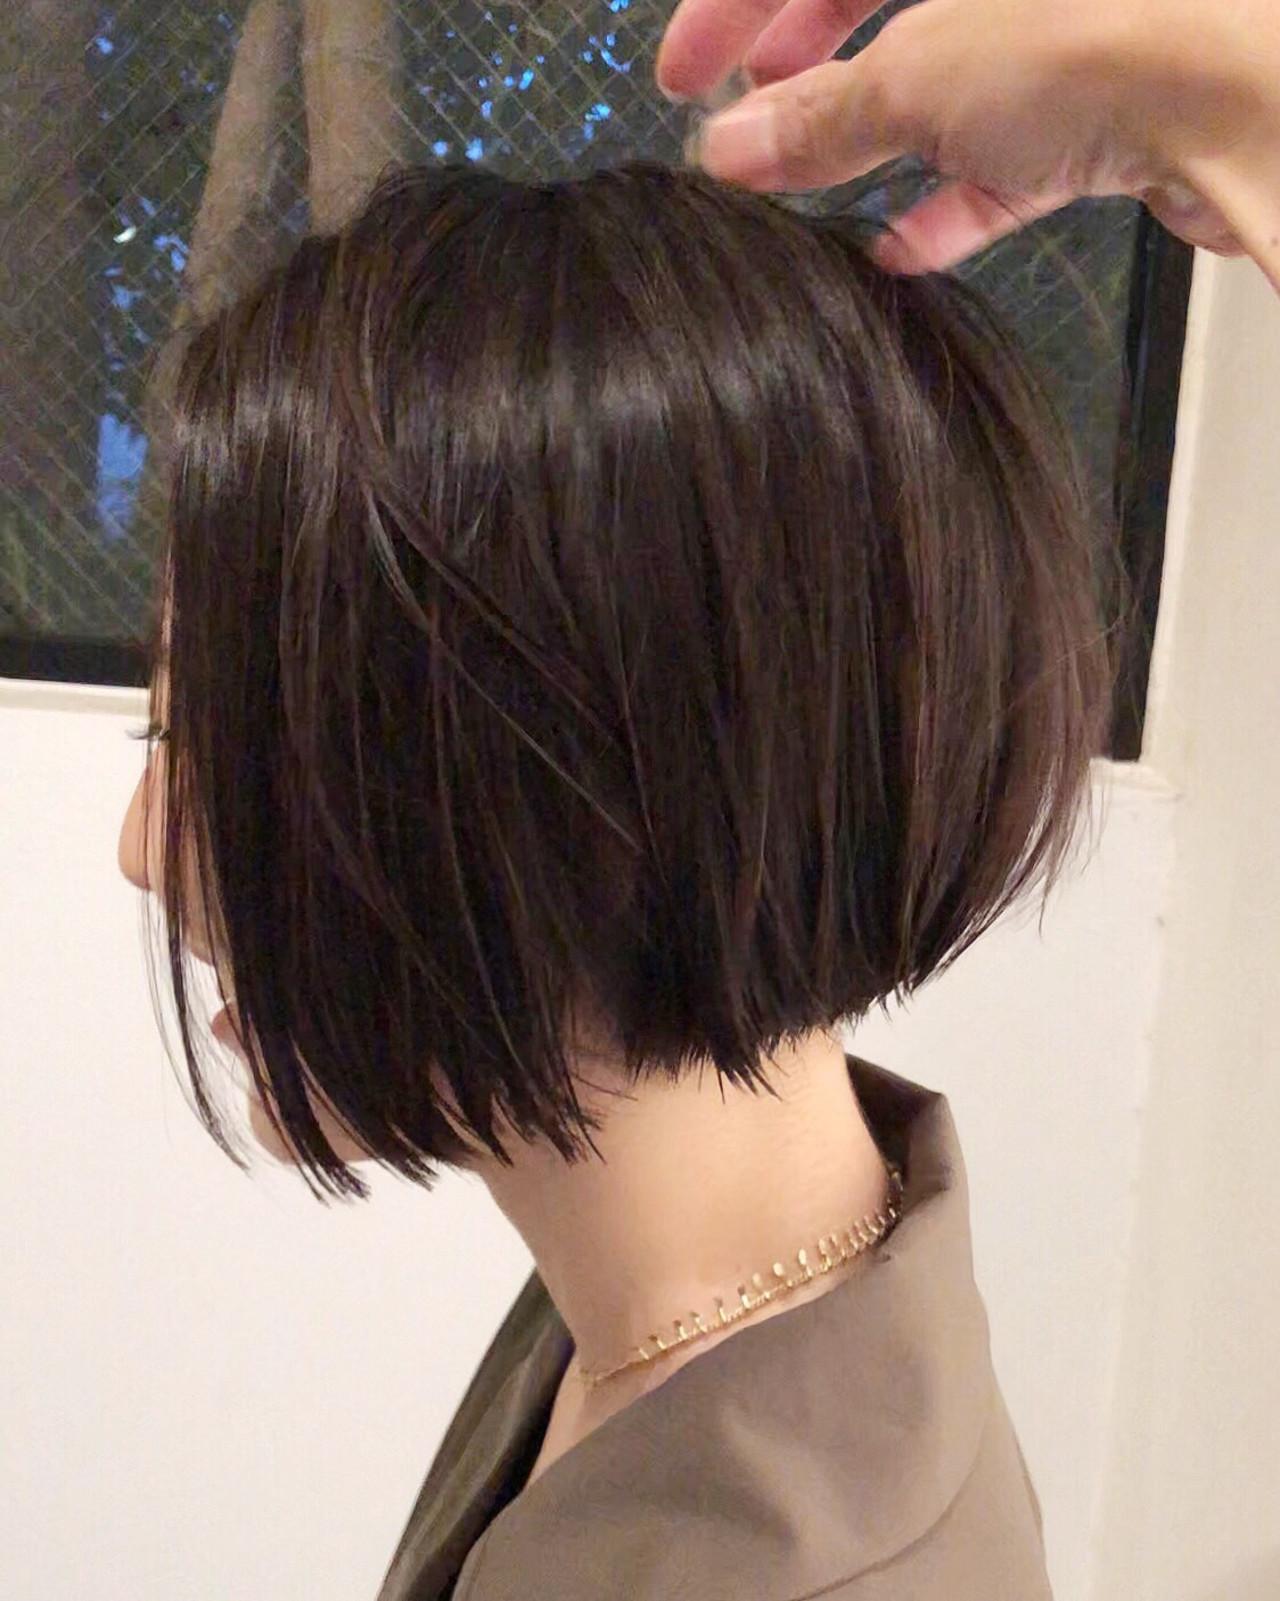 大人ショート 前下がりショート 黒髪 切りっぱなし ヘアスタイルや髪型の写真・画像 | 郡司 泰之 / ROJITHA 原宿 / ROJITHA